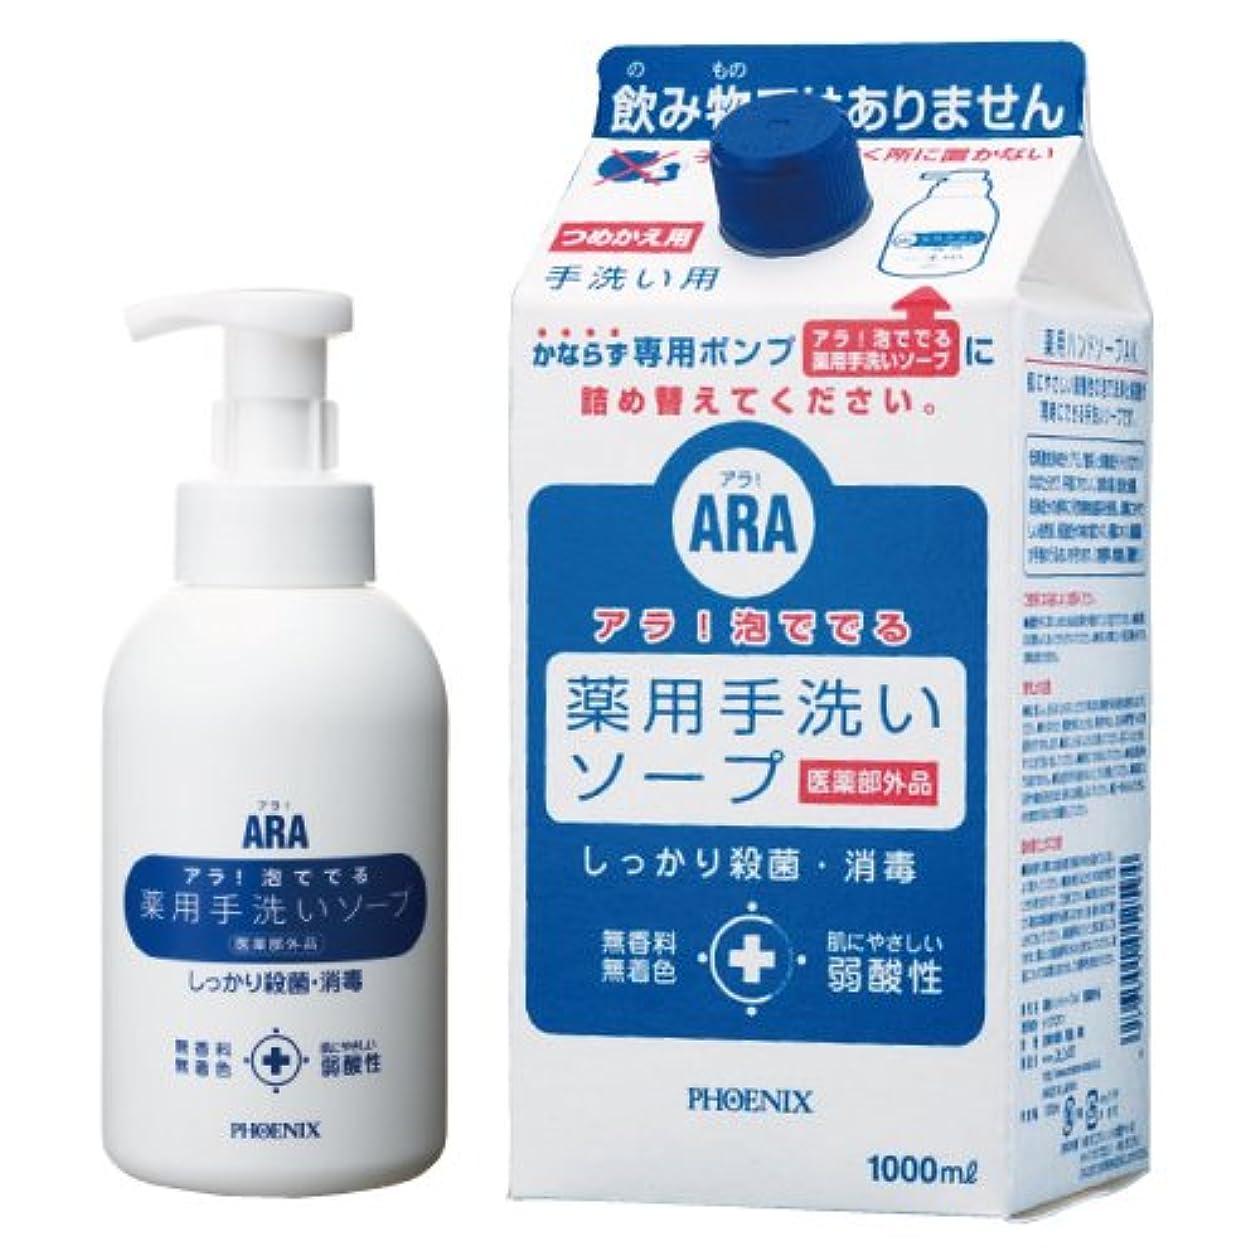 付録ポスト印象派適応的アラ!泡ででる薬用手洗いソープ(詰替1LX12?????????????????????(23-2870-01)